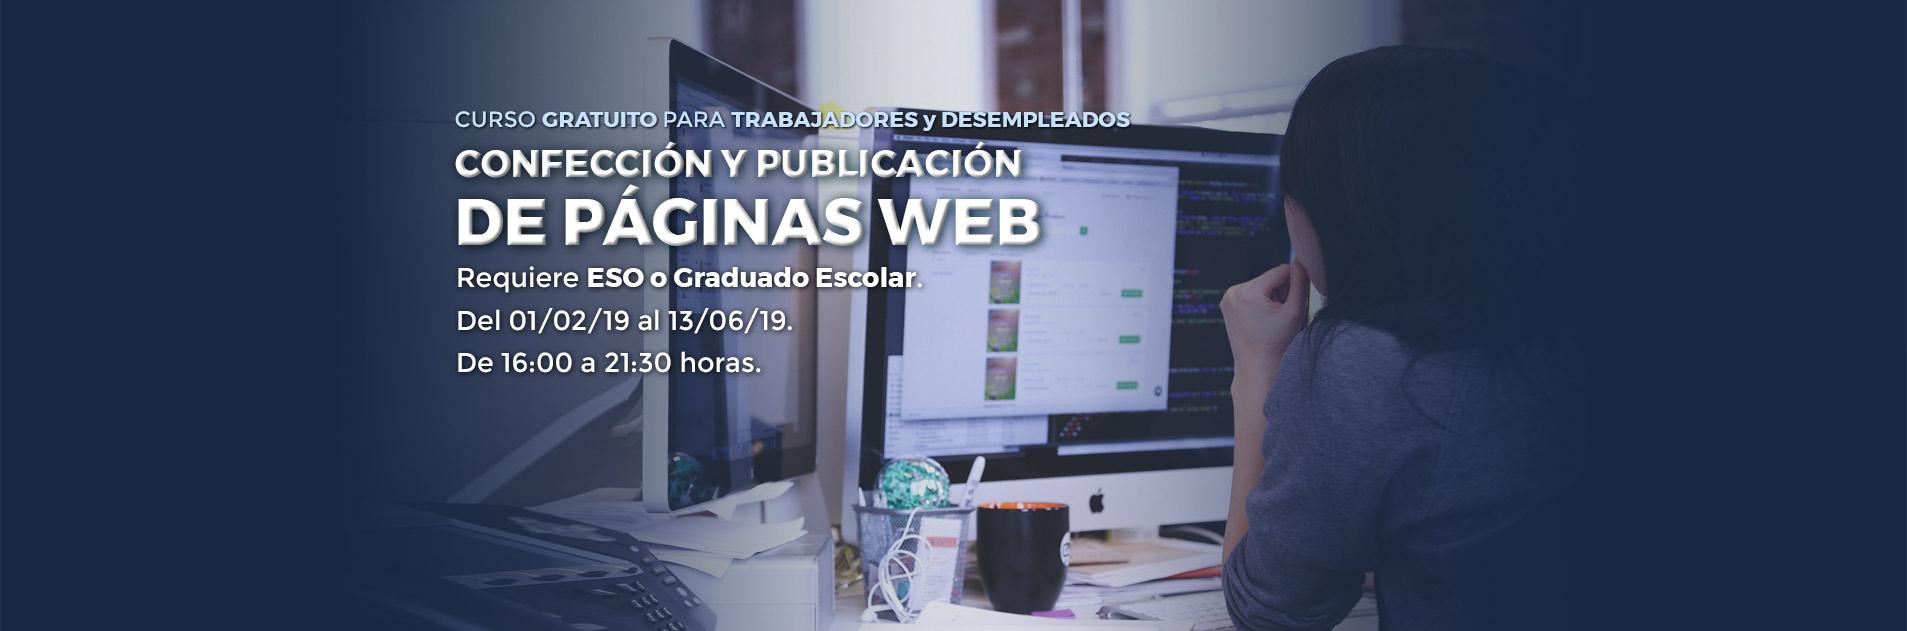 Curso de Diseño WEB en Palencia para trabajadores